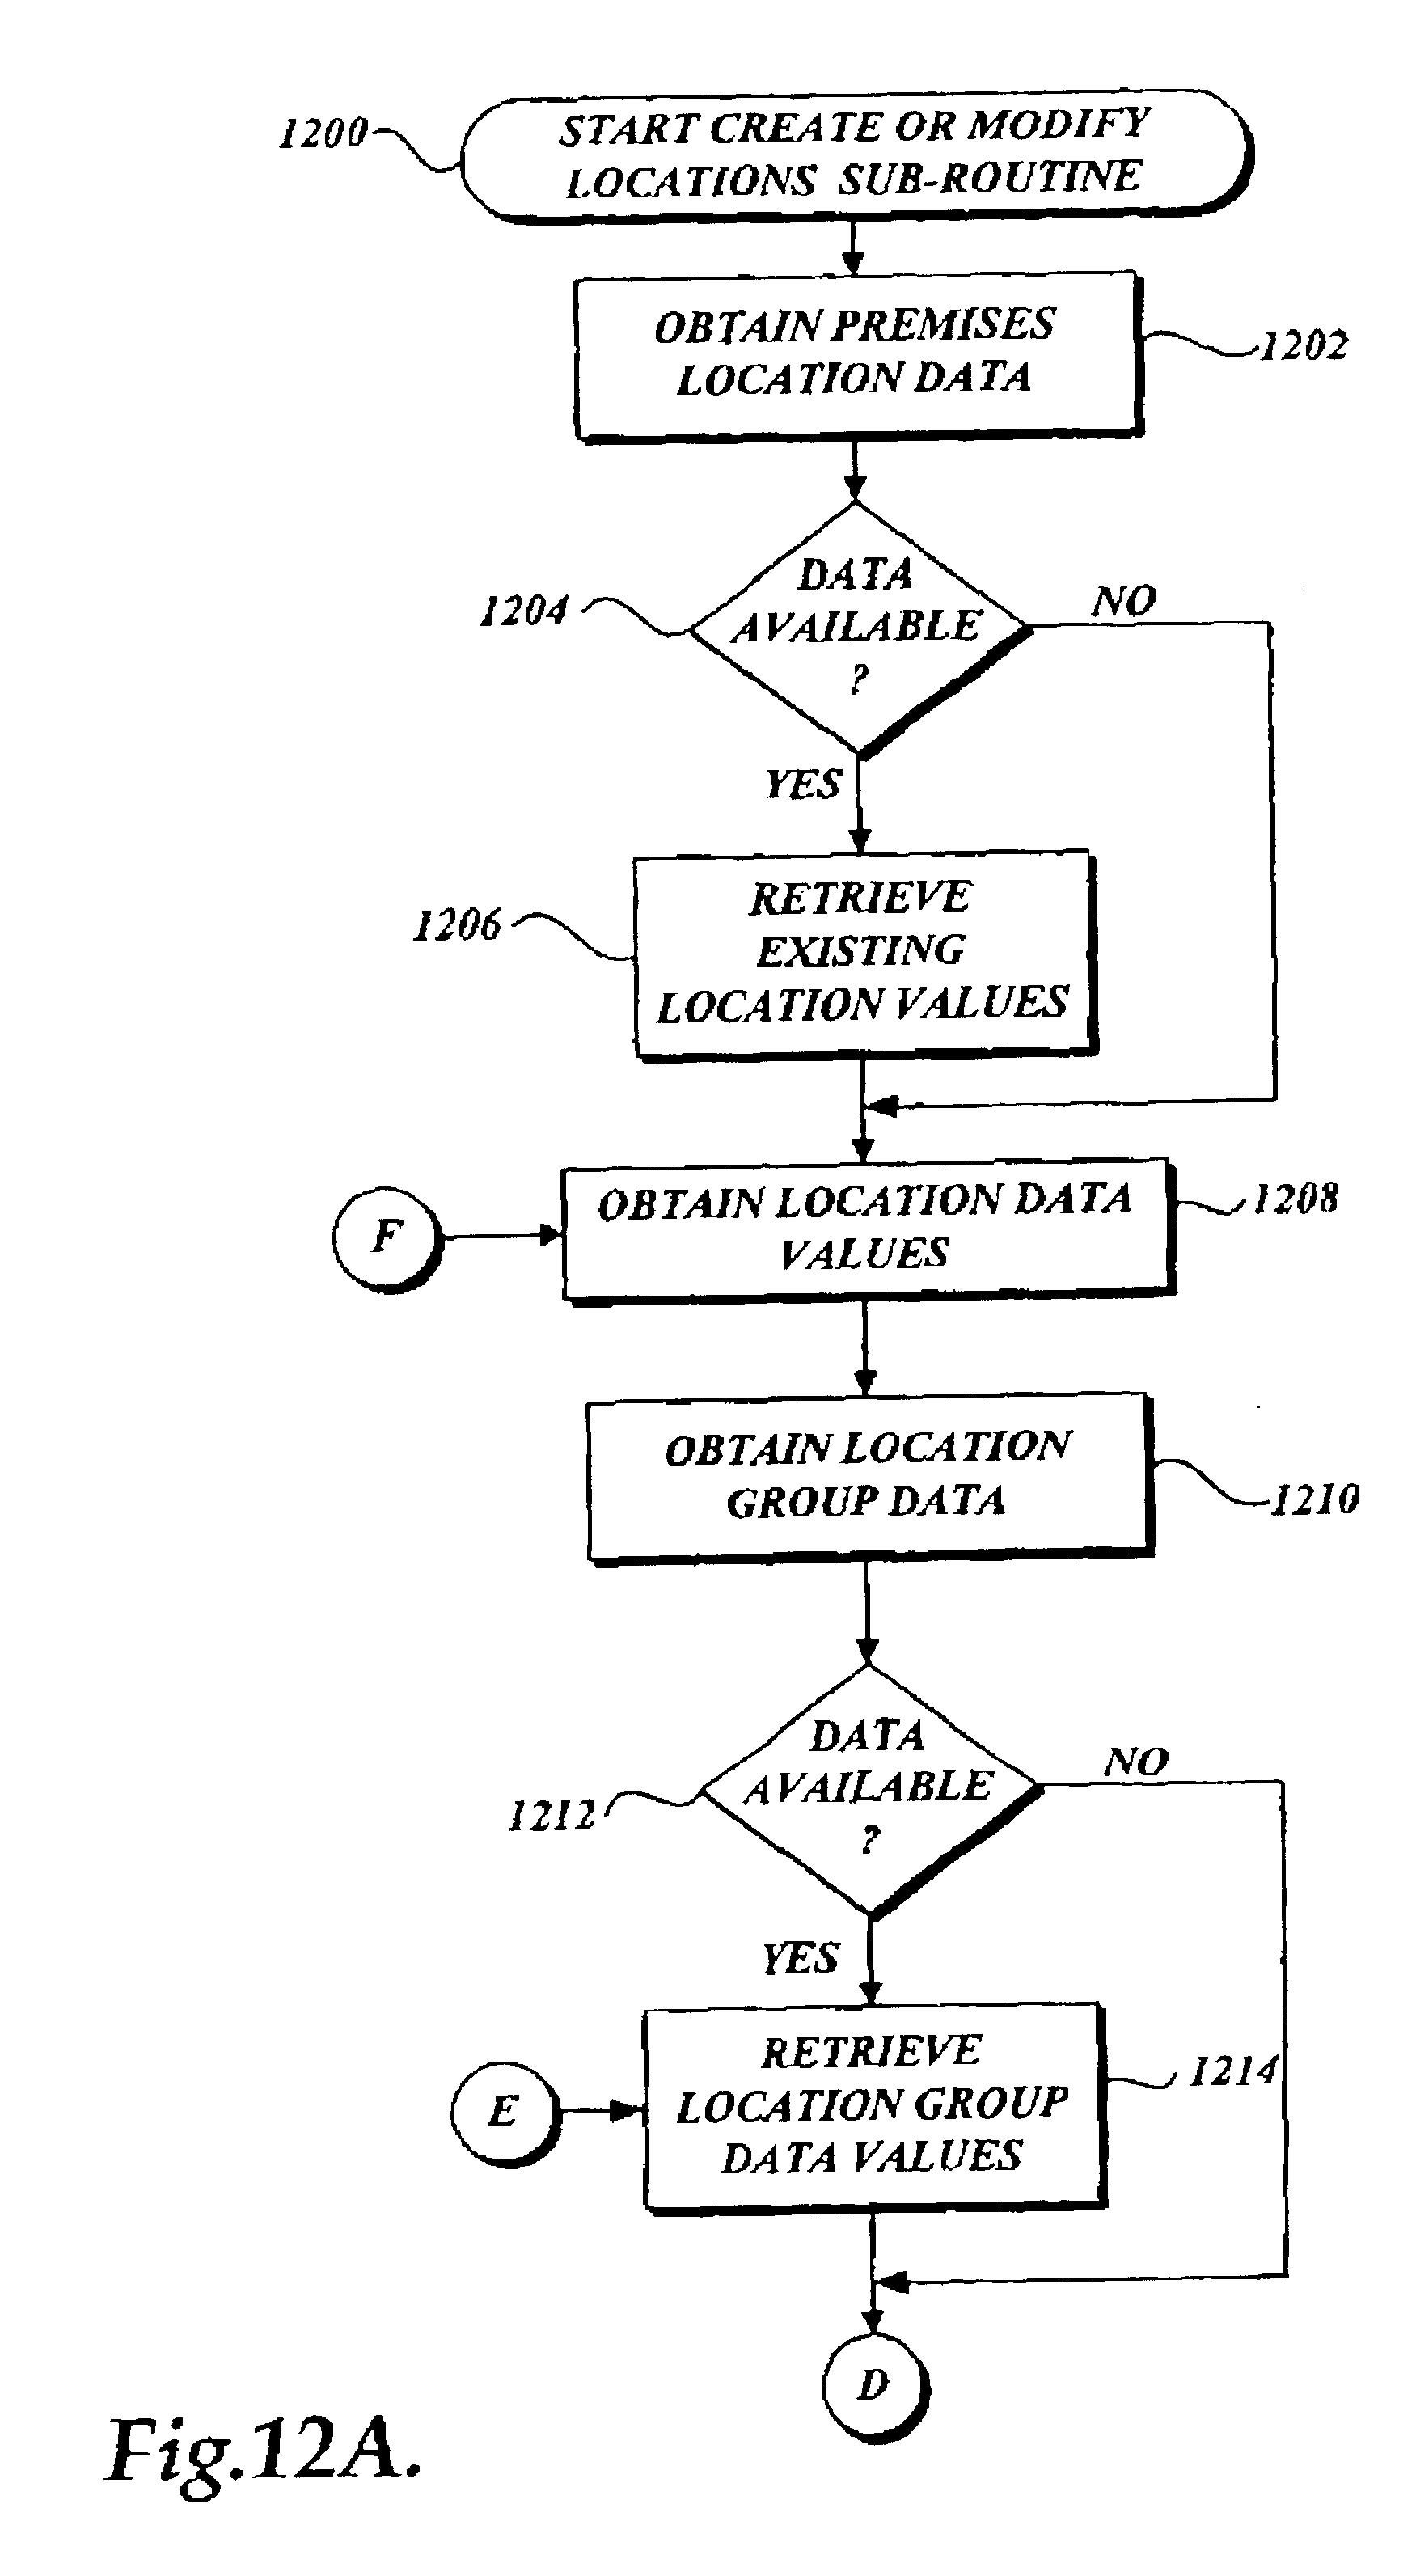 Czt Bad Boy Mowers Wiring Diagram Detailed Mower Schematic Schematics Transformer Buggy Battery